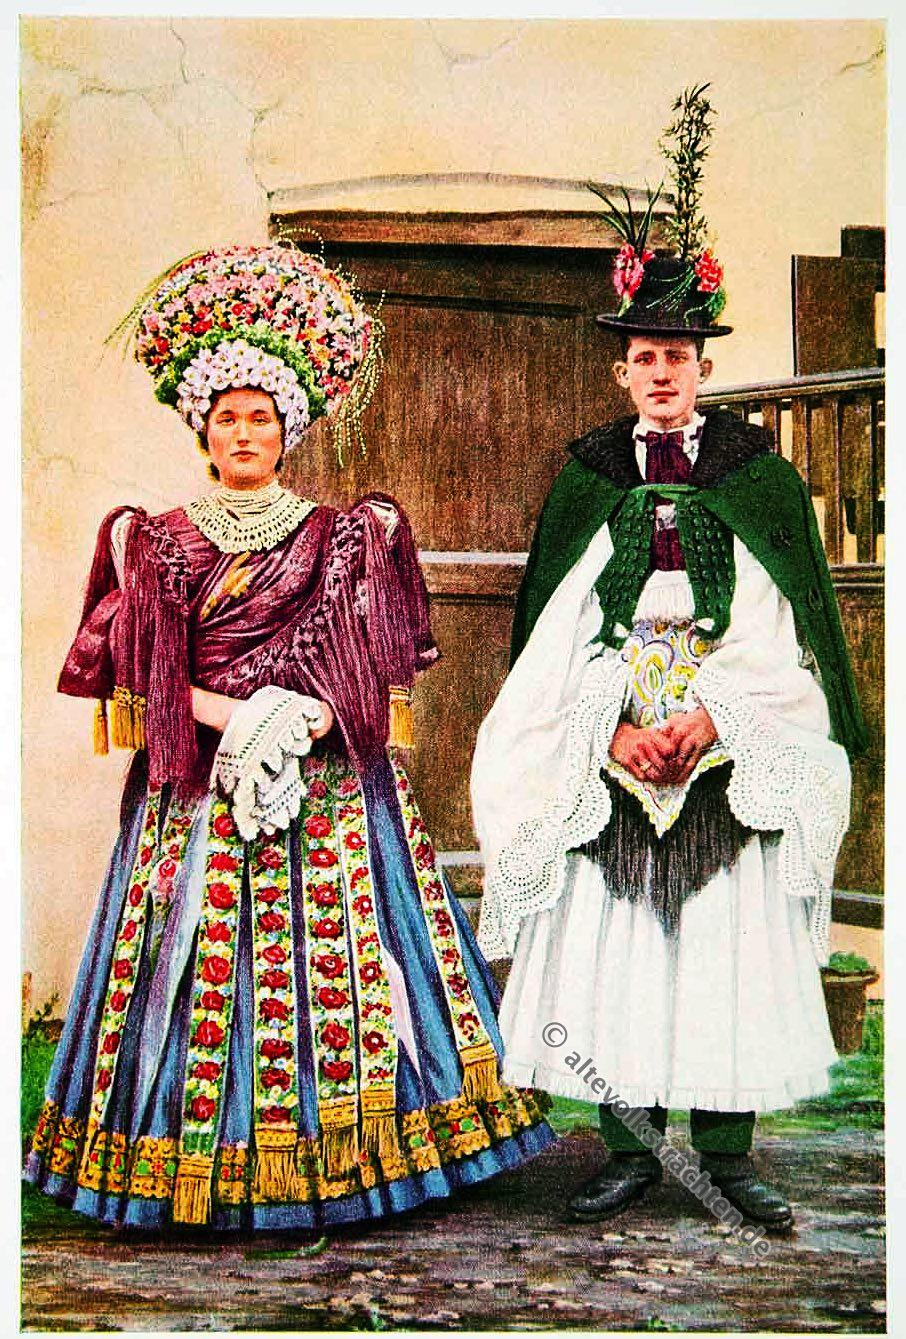 Ungarn, Hochzeitspaar, Trachten, Kostüme, traditionell, Kostümgeschichte